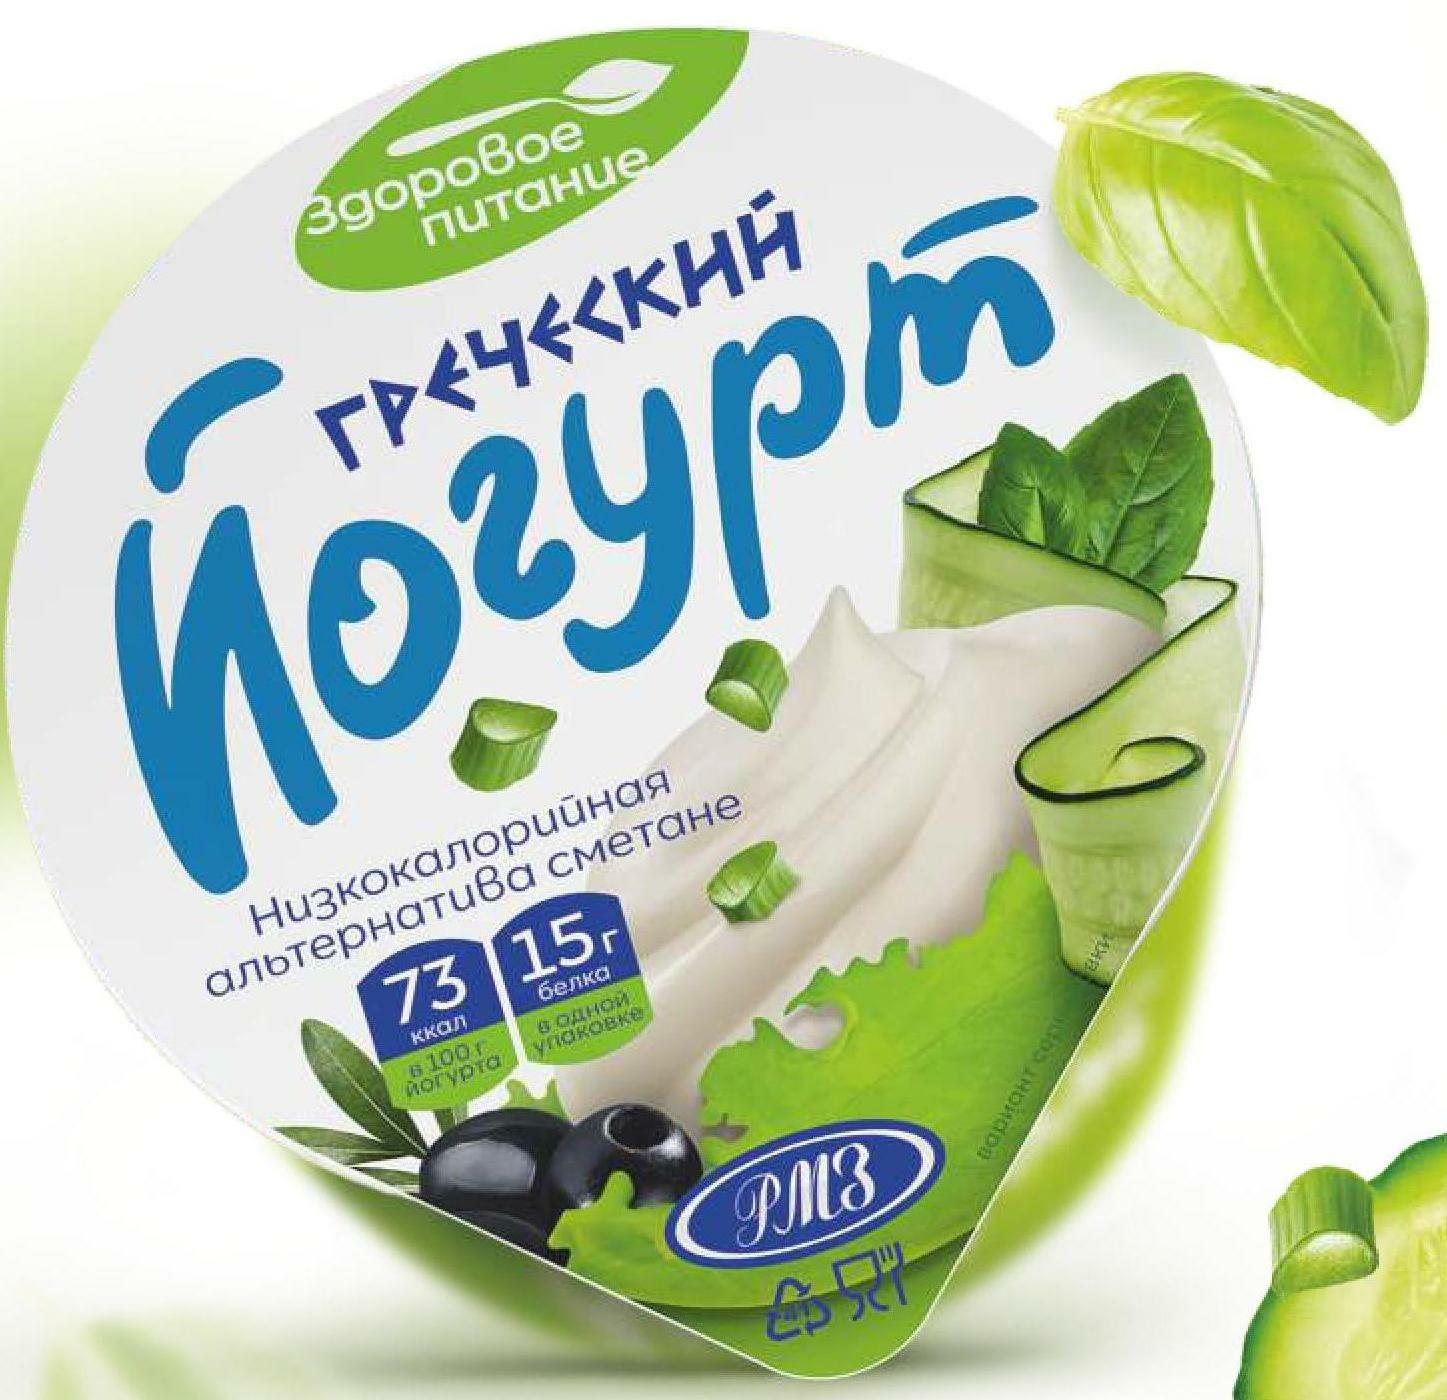 Греческий йогурт: чем отличается от обычного, состав, польза и вред, а также с чем его едят